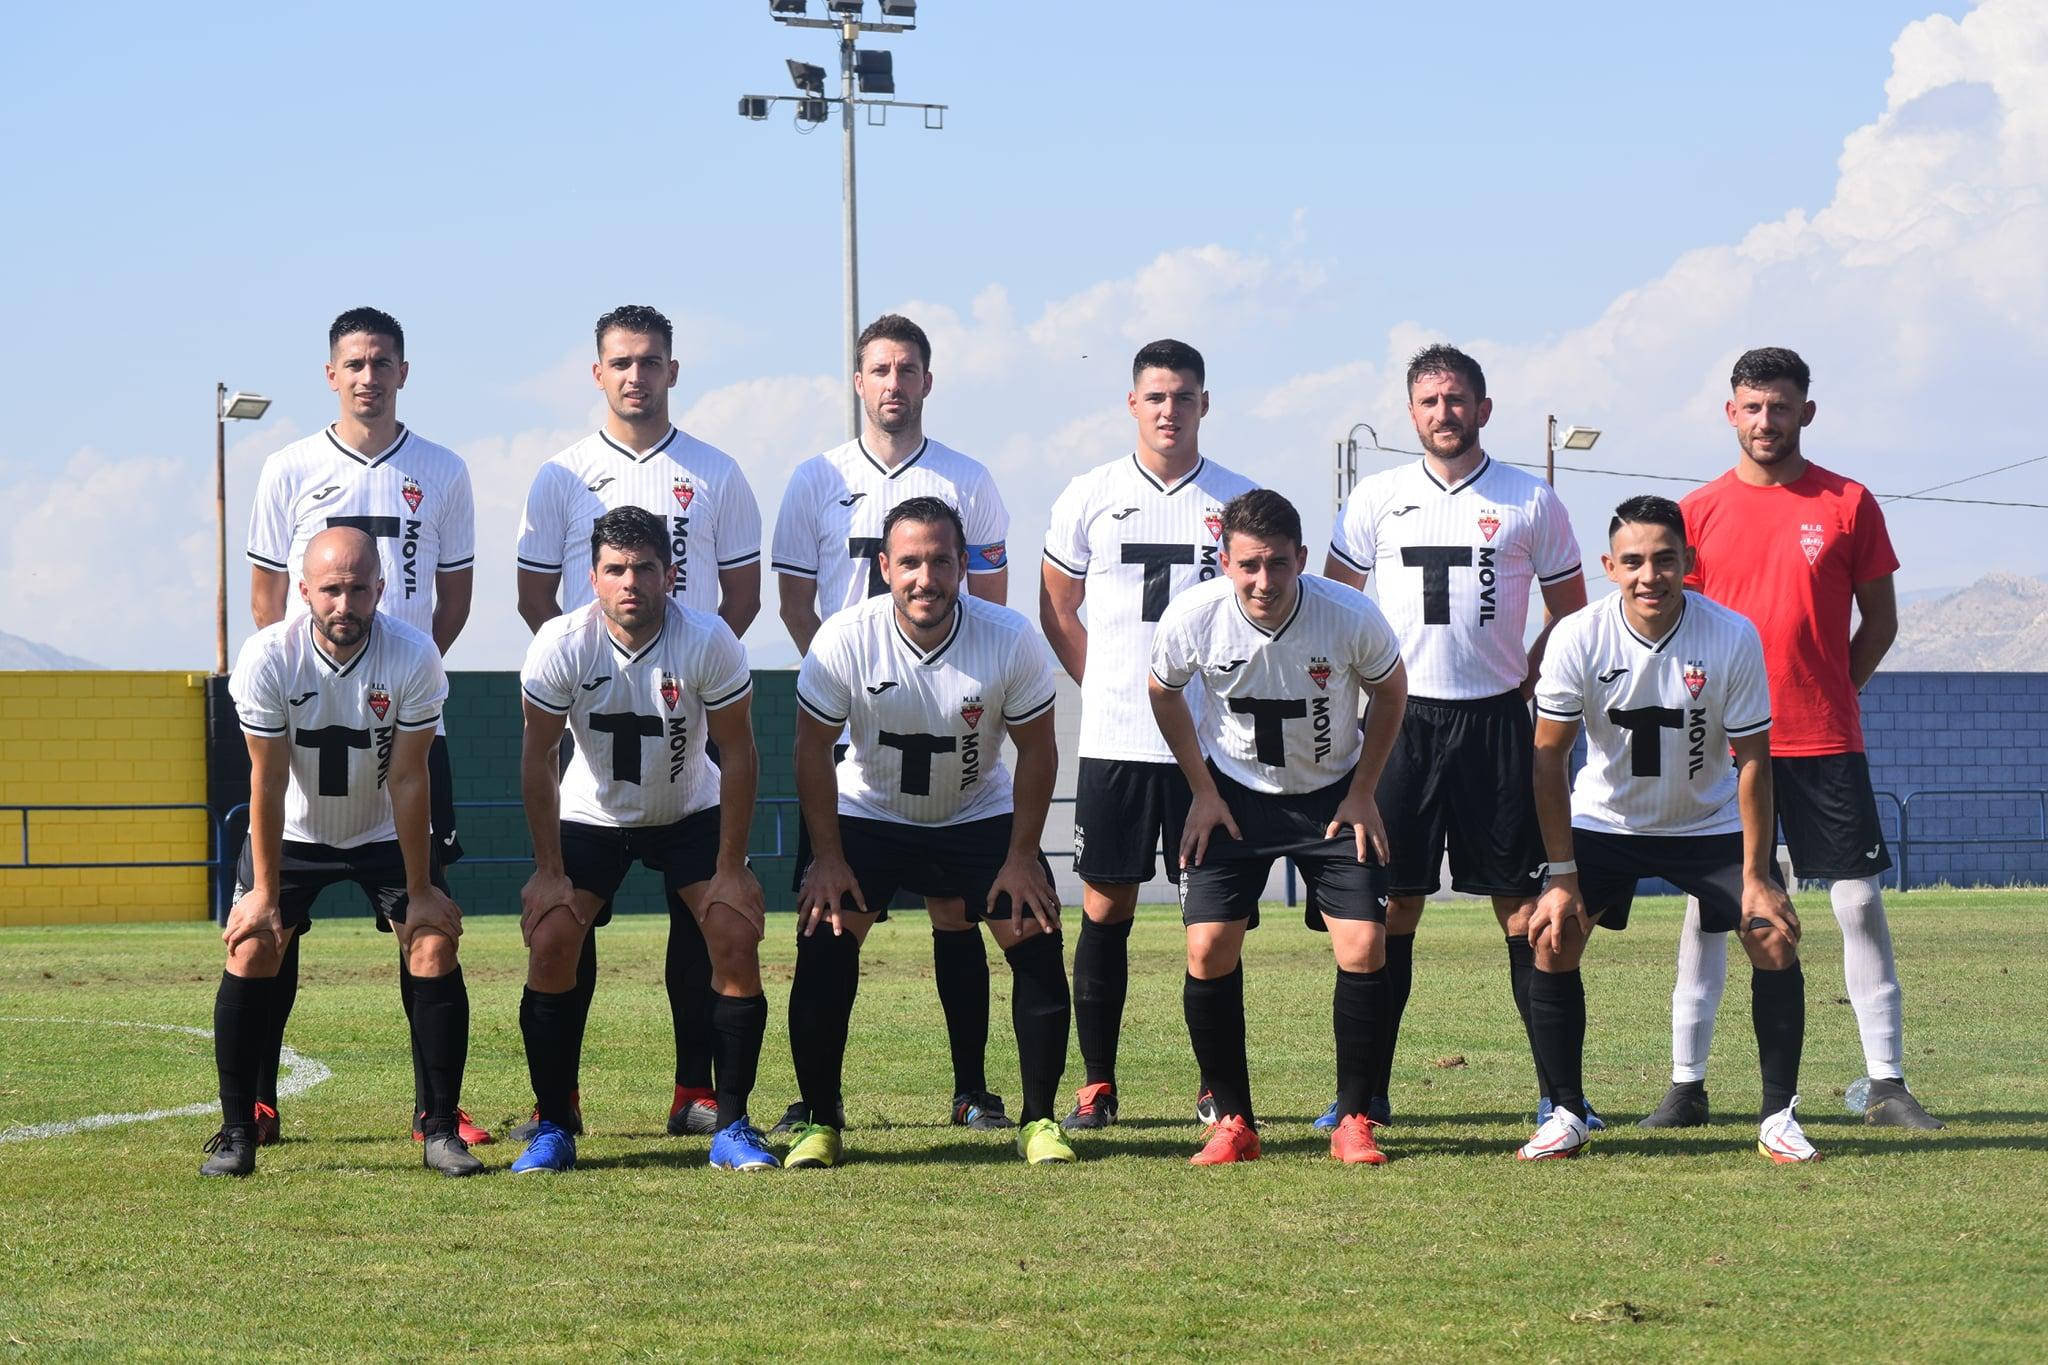 Alineación titular del Aspe UD Senior A en el primer partido de la temporada 2021-2022